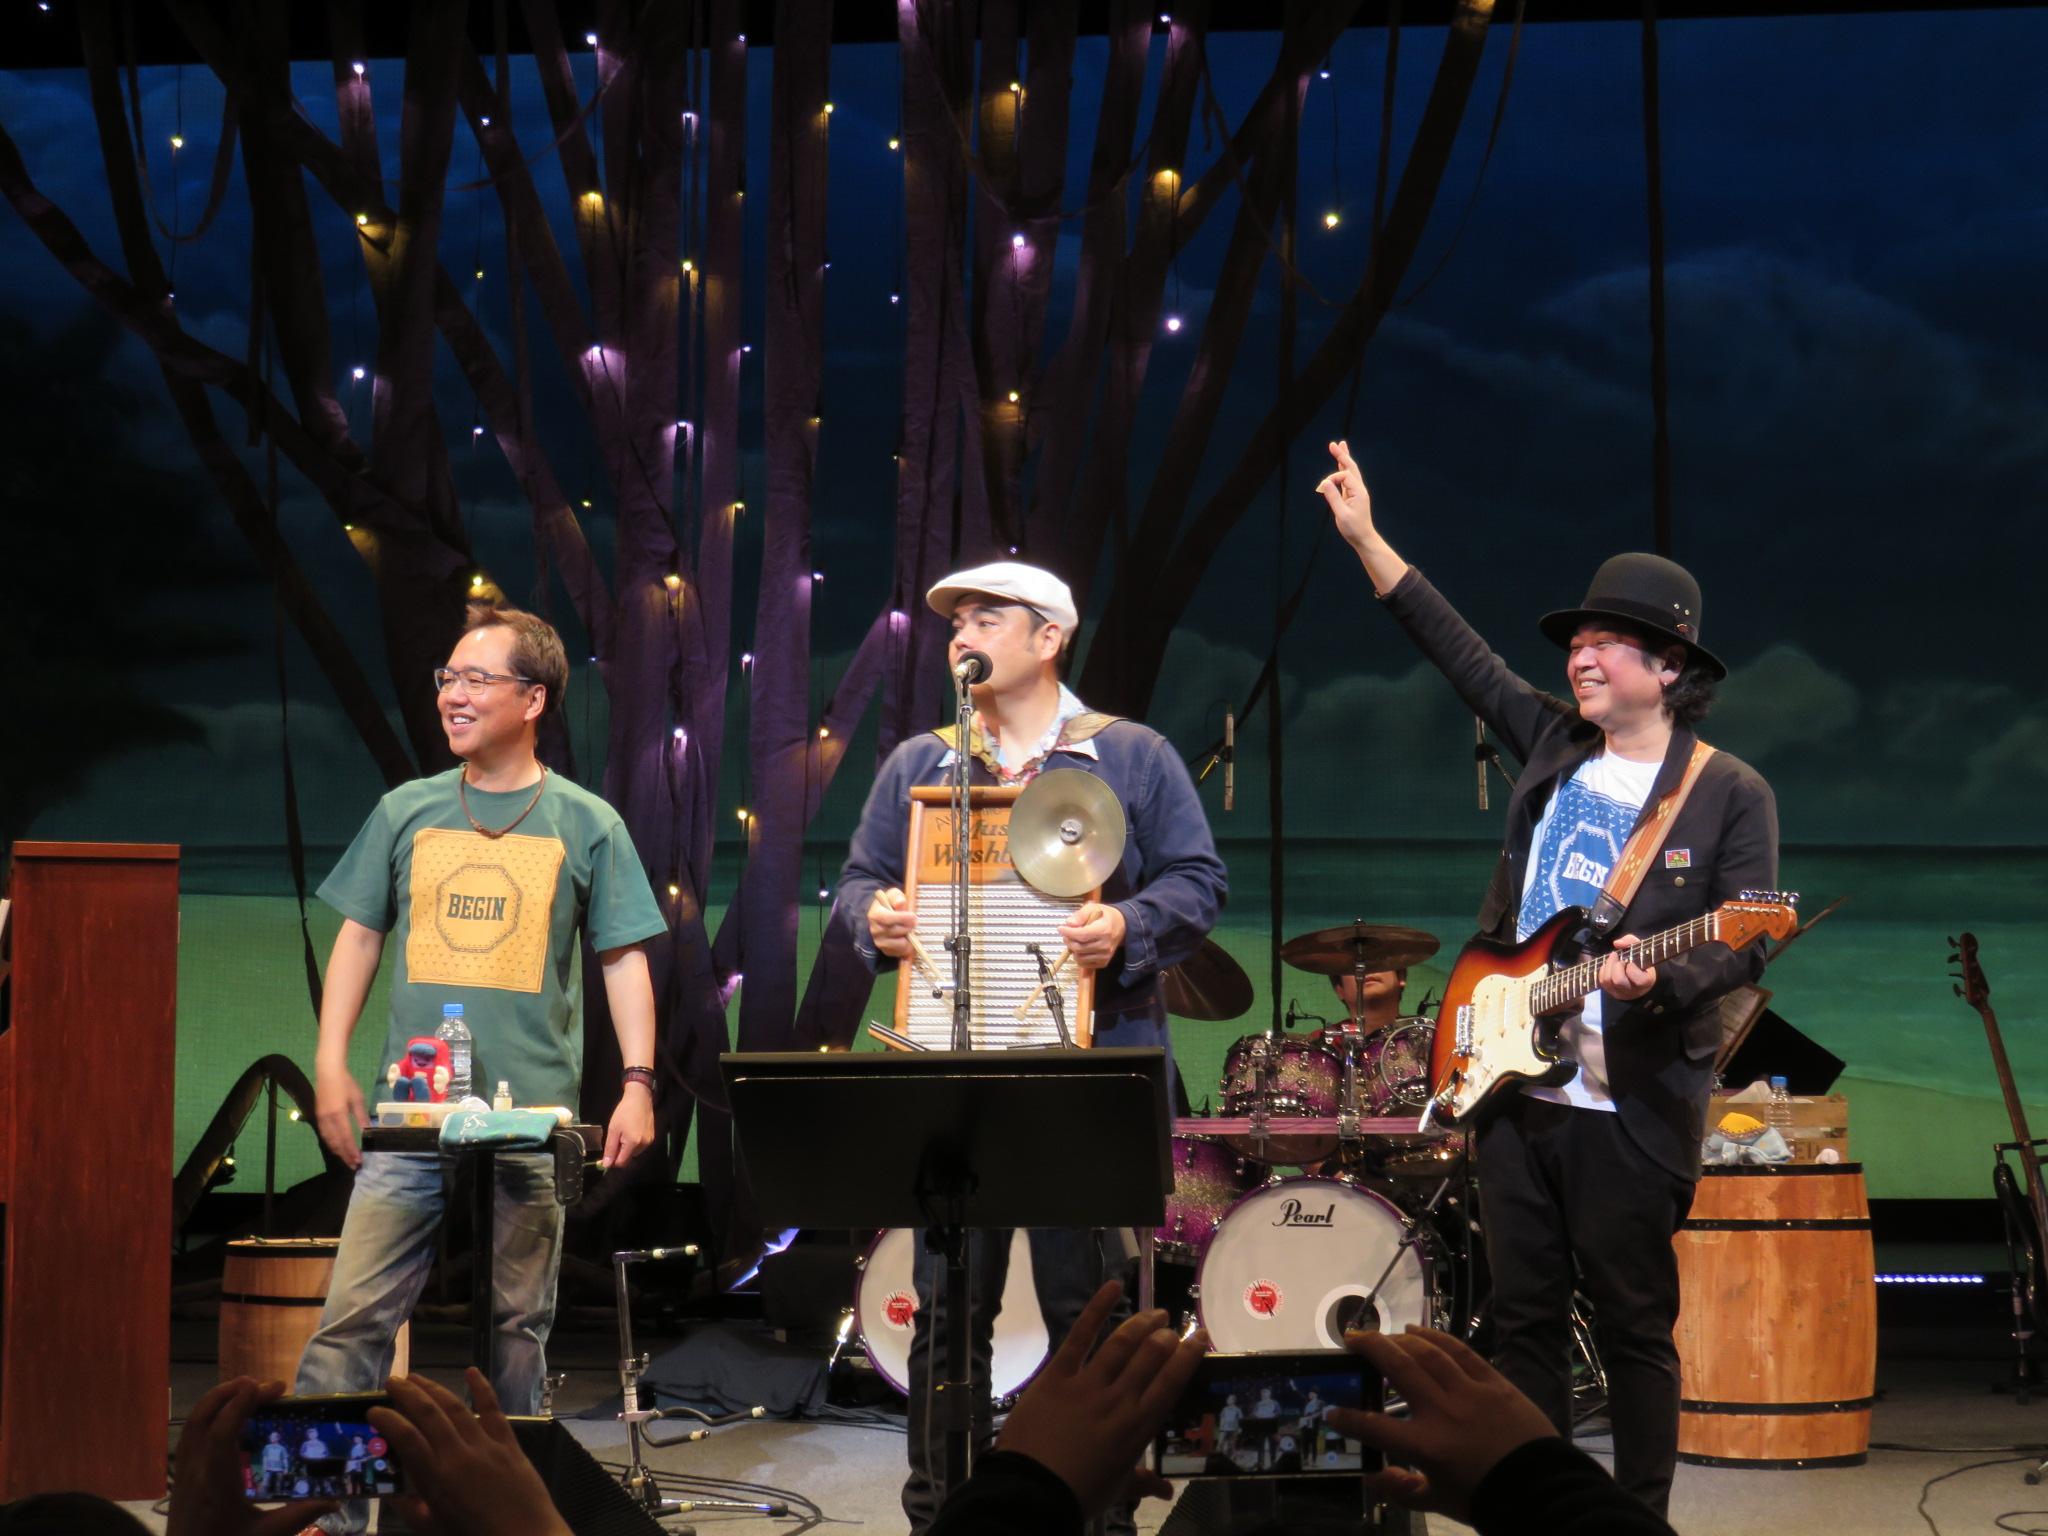 【ネタバレ取扱注意】「BEGINコンサートツアー2020」セットリスト -2月24日福岡公演追加-